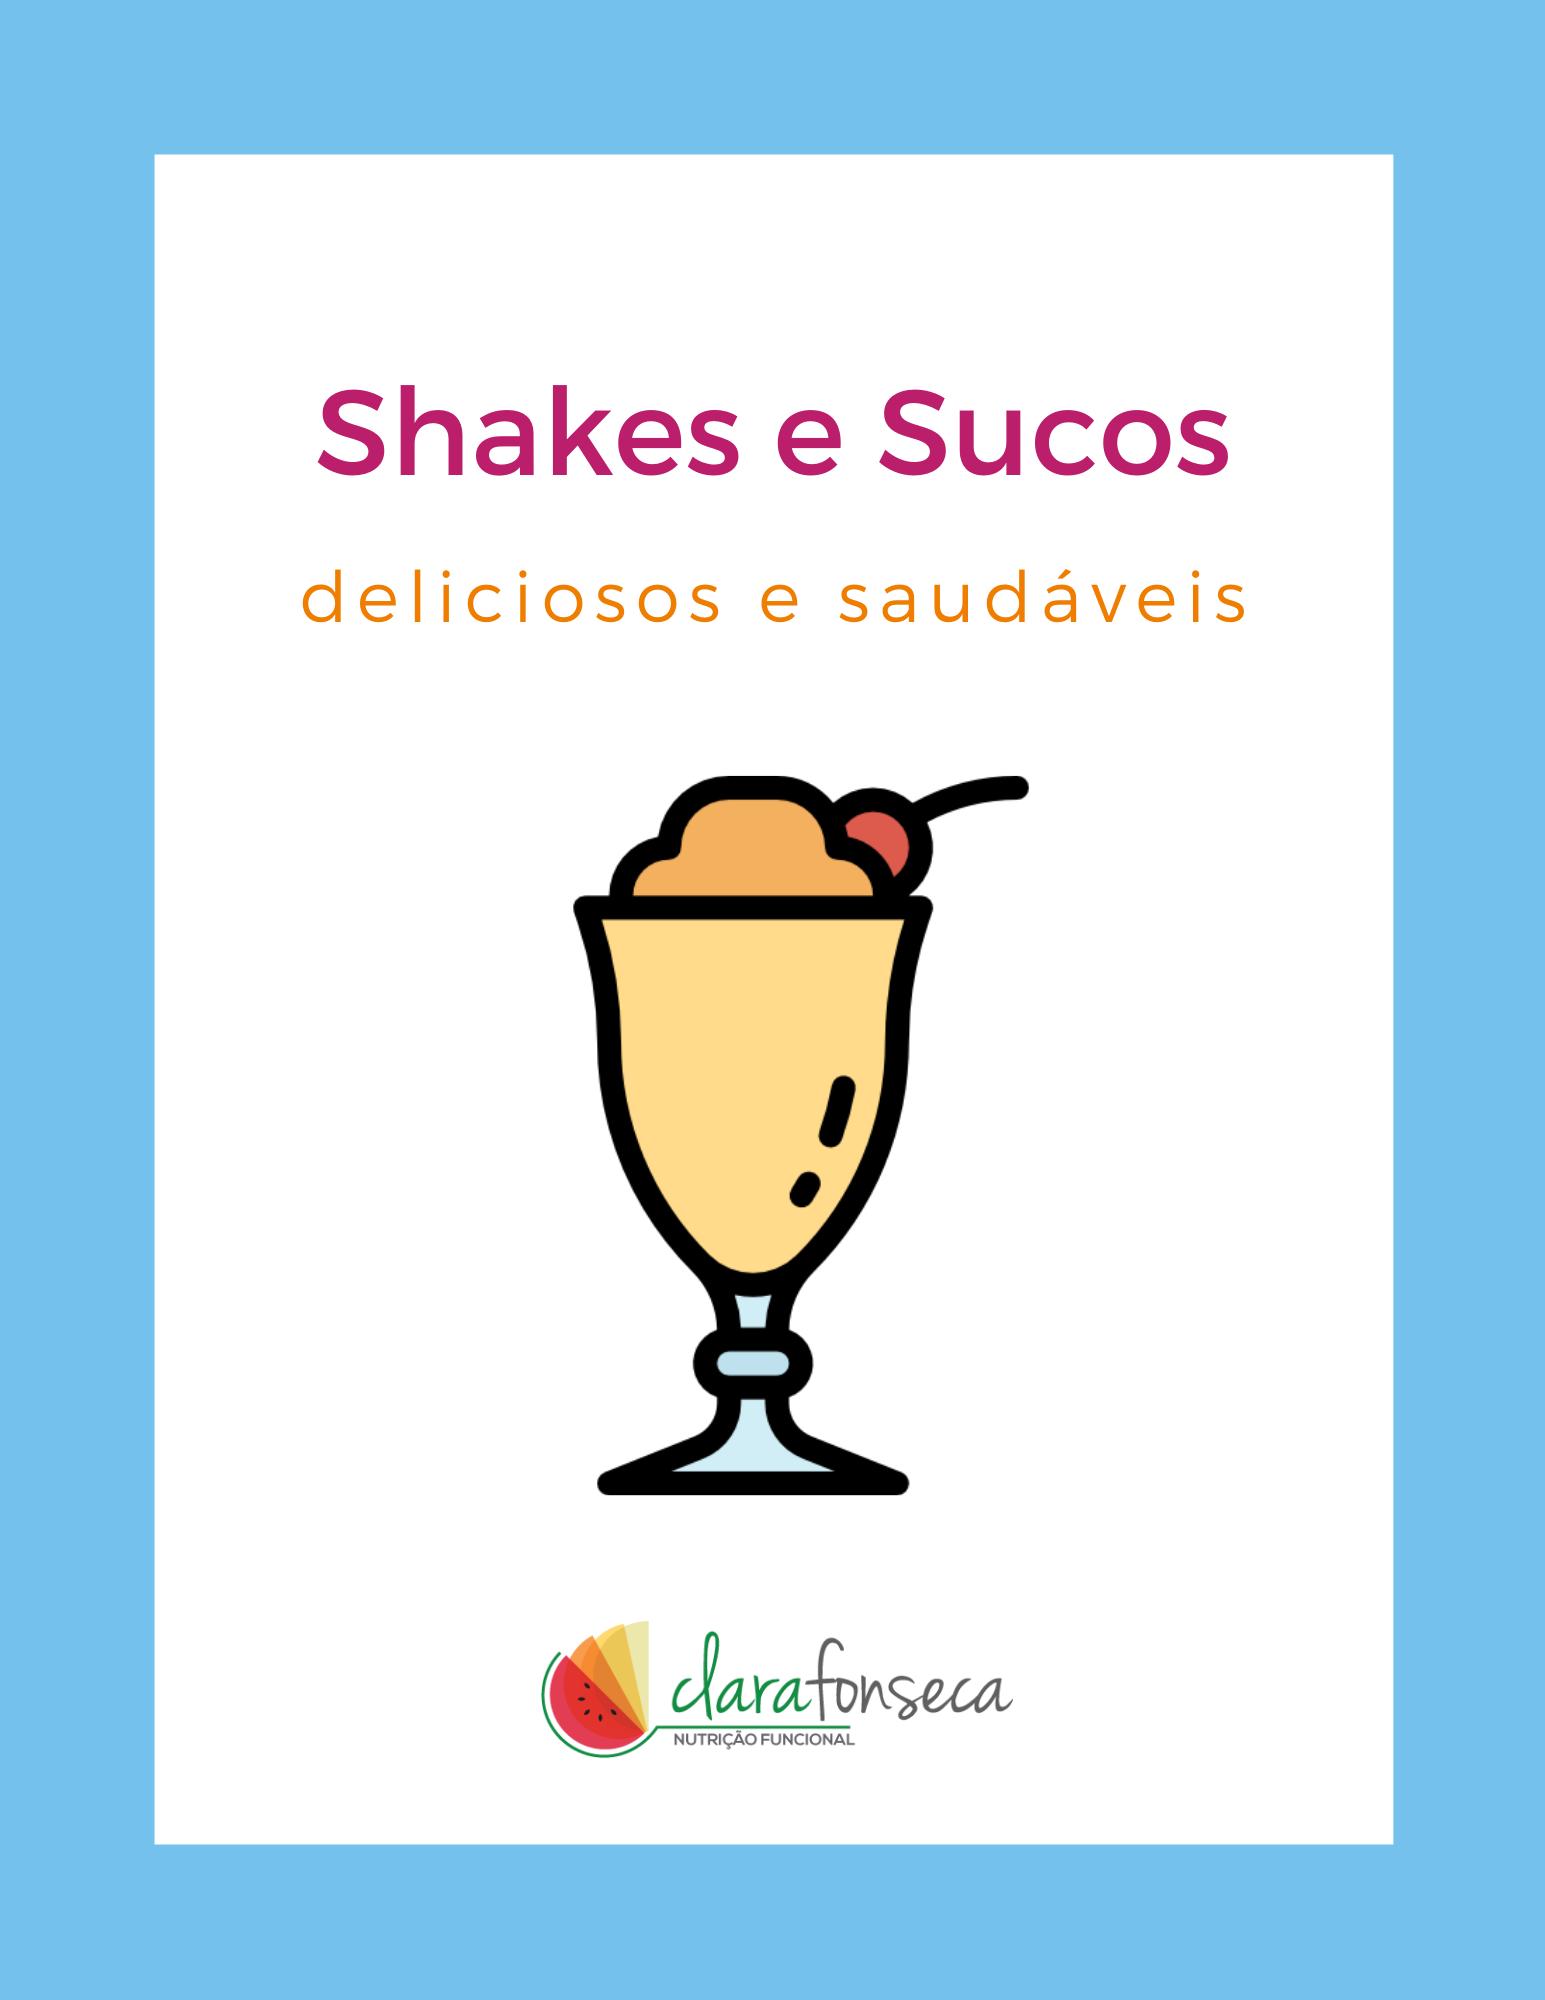 Shakes e Sucos